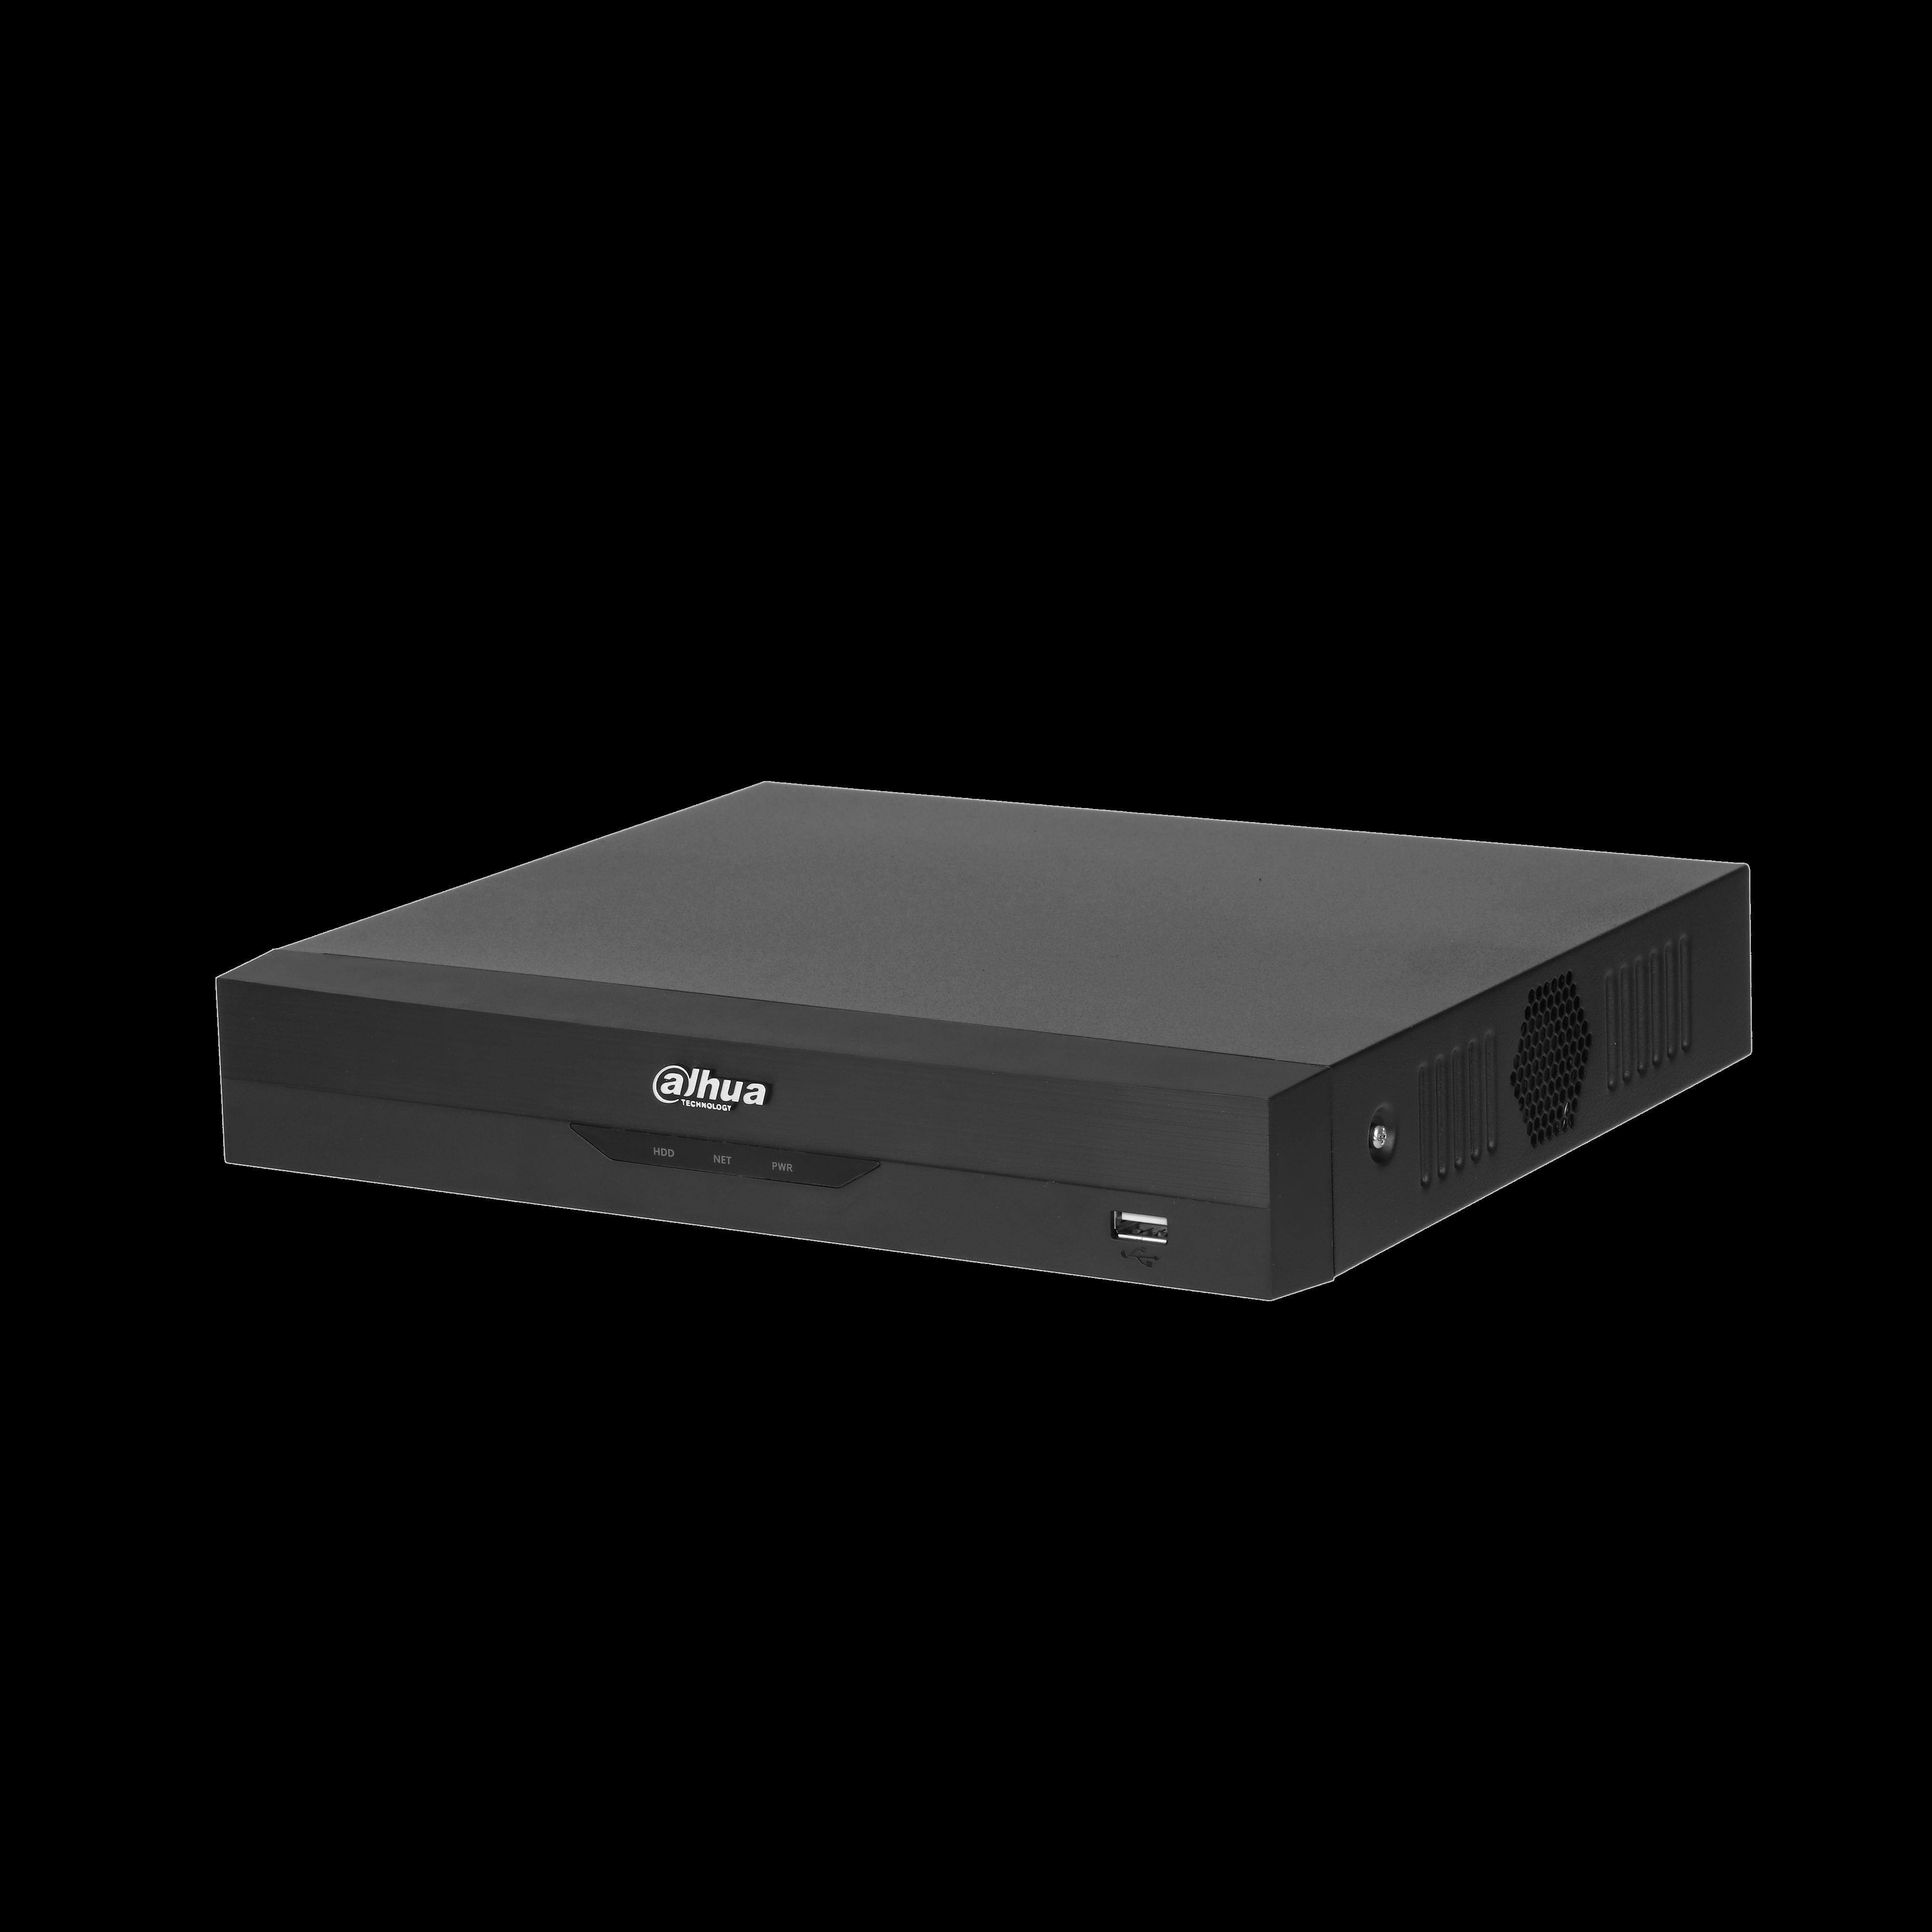 4-канальный IP видеорегистратор Dahua DHI-XVR5104HS-I3 (+ Антисептик-спрей для рук в подарок!)